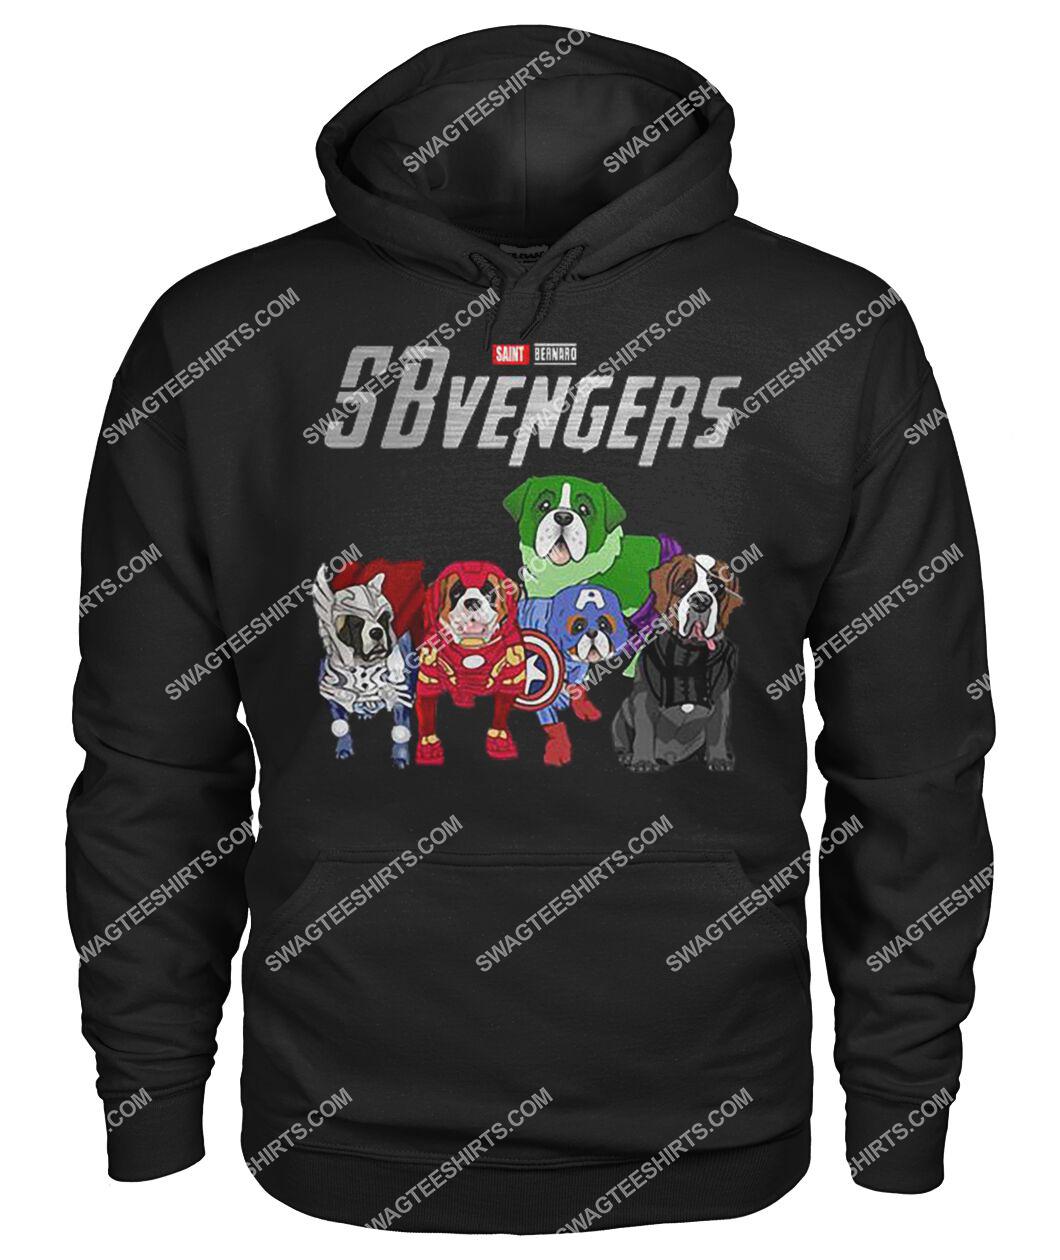 saint bernard sbvengers marvel avengers dogs lover hoodie 1